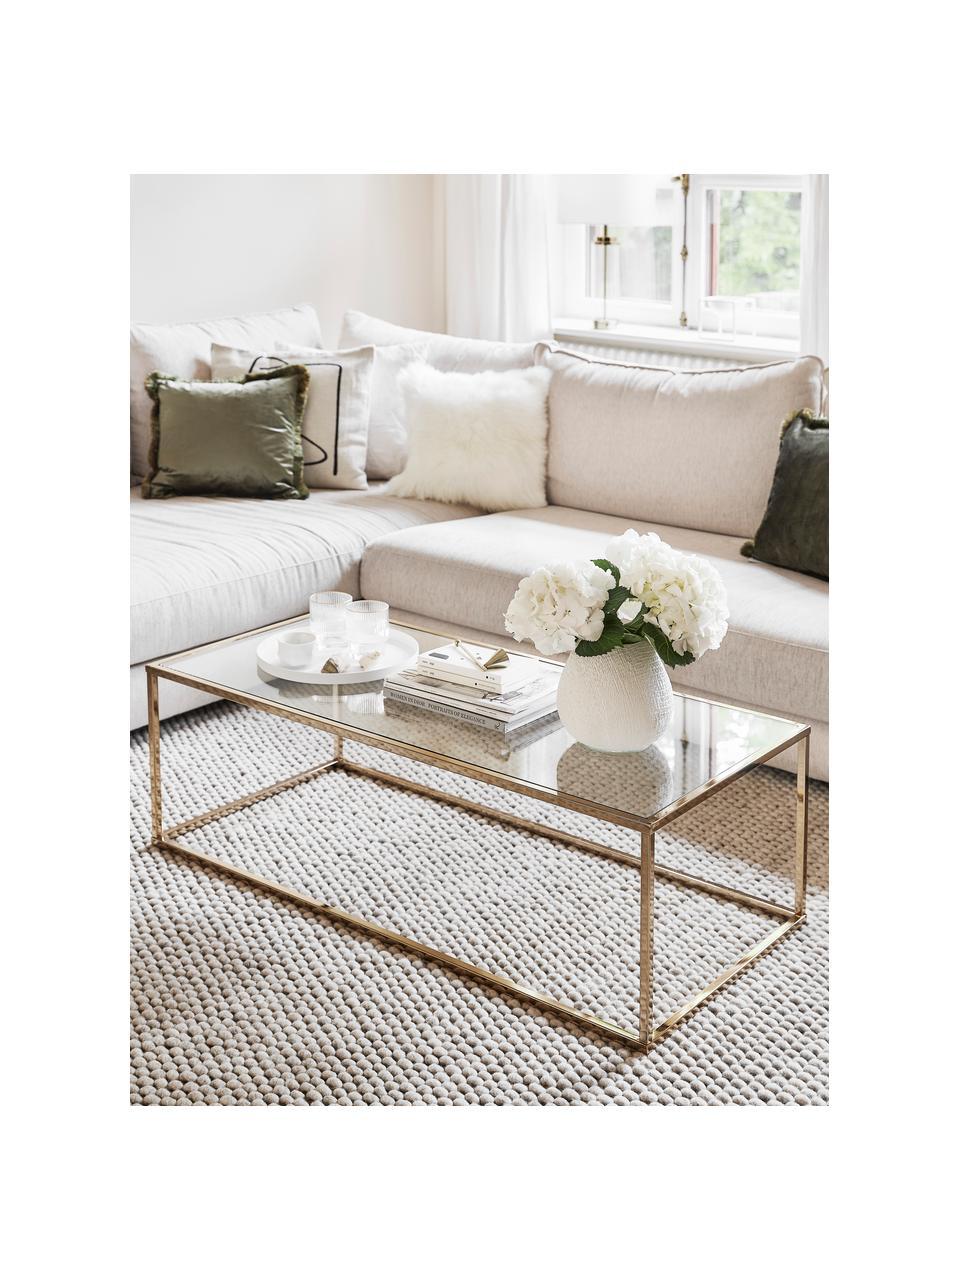 Dywan z wełny Pebble, 80% wełna nowozelandzka, 20% nylon Włókna dywanów wełnianych mogą nieznacznie rozluźniać się w pierwszych tygodniach użytkowania, co ustępuje po pewnym czasie, Biały, S 80 x D 150 cm (Rozmiar XS)